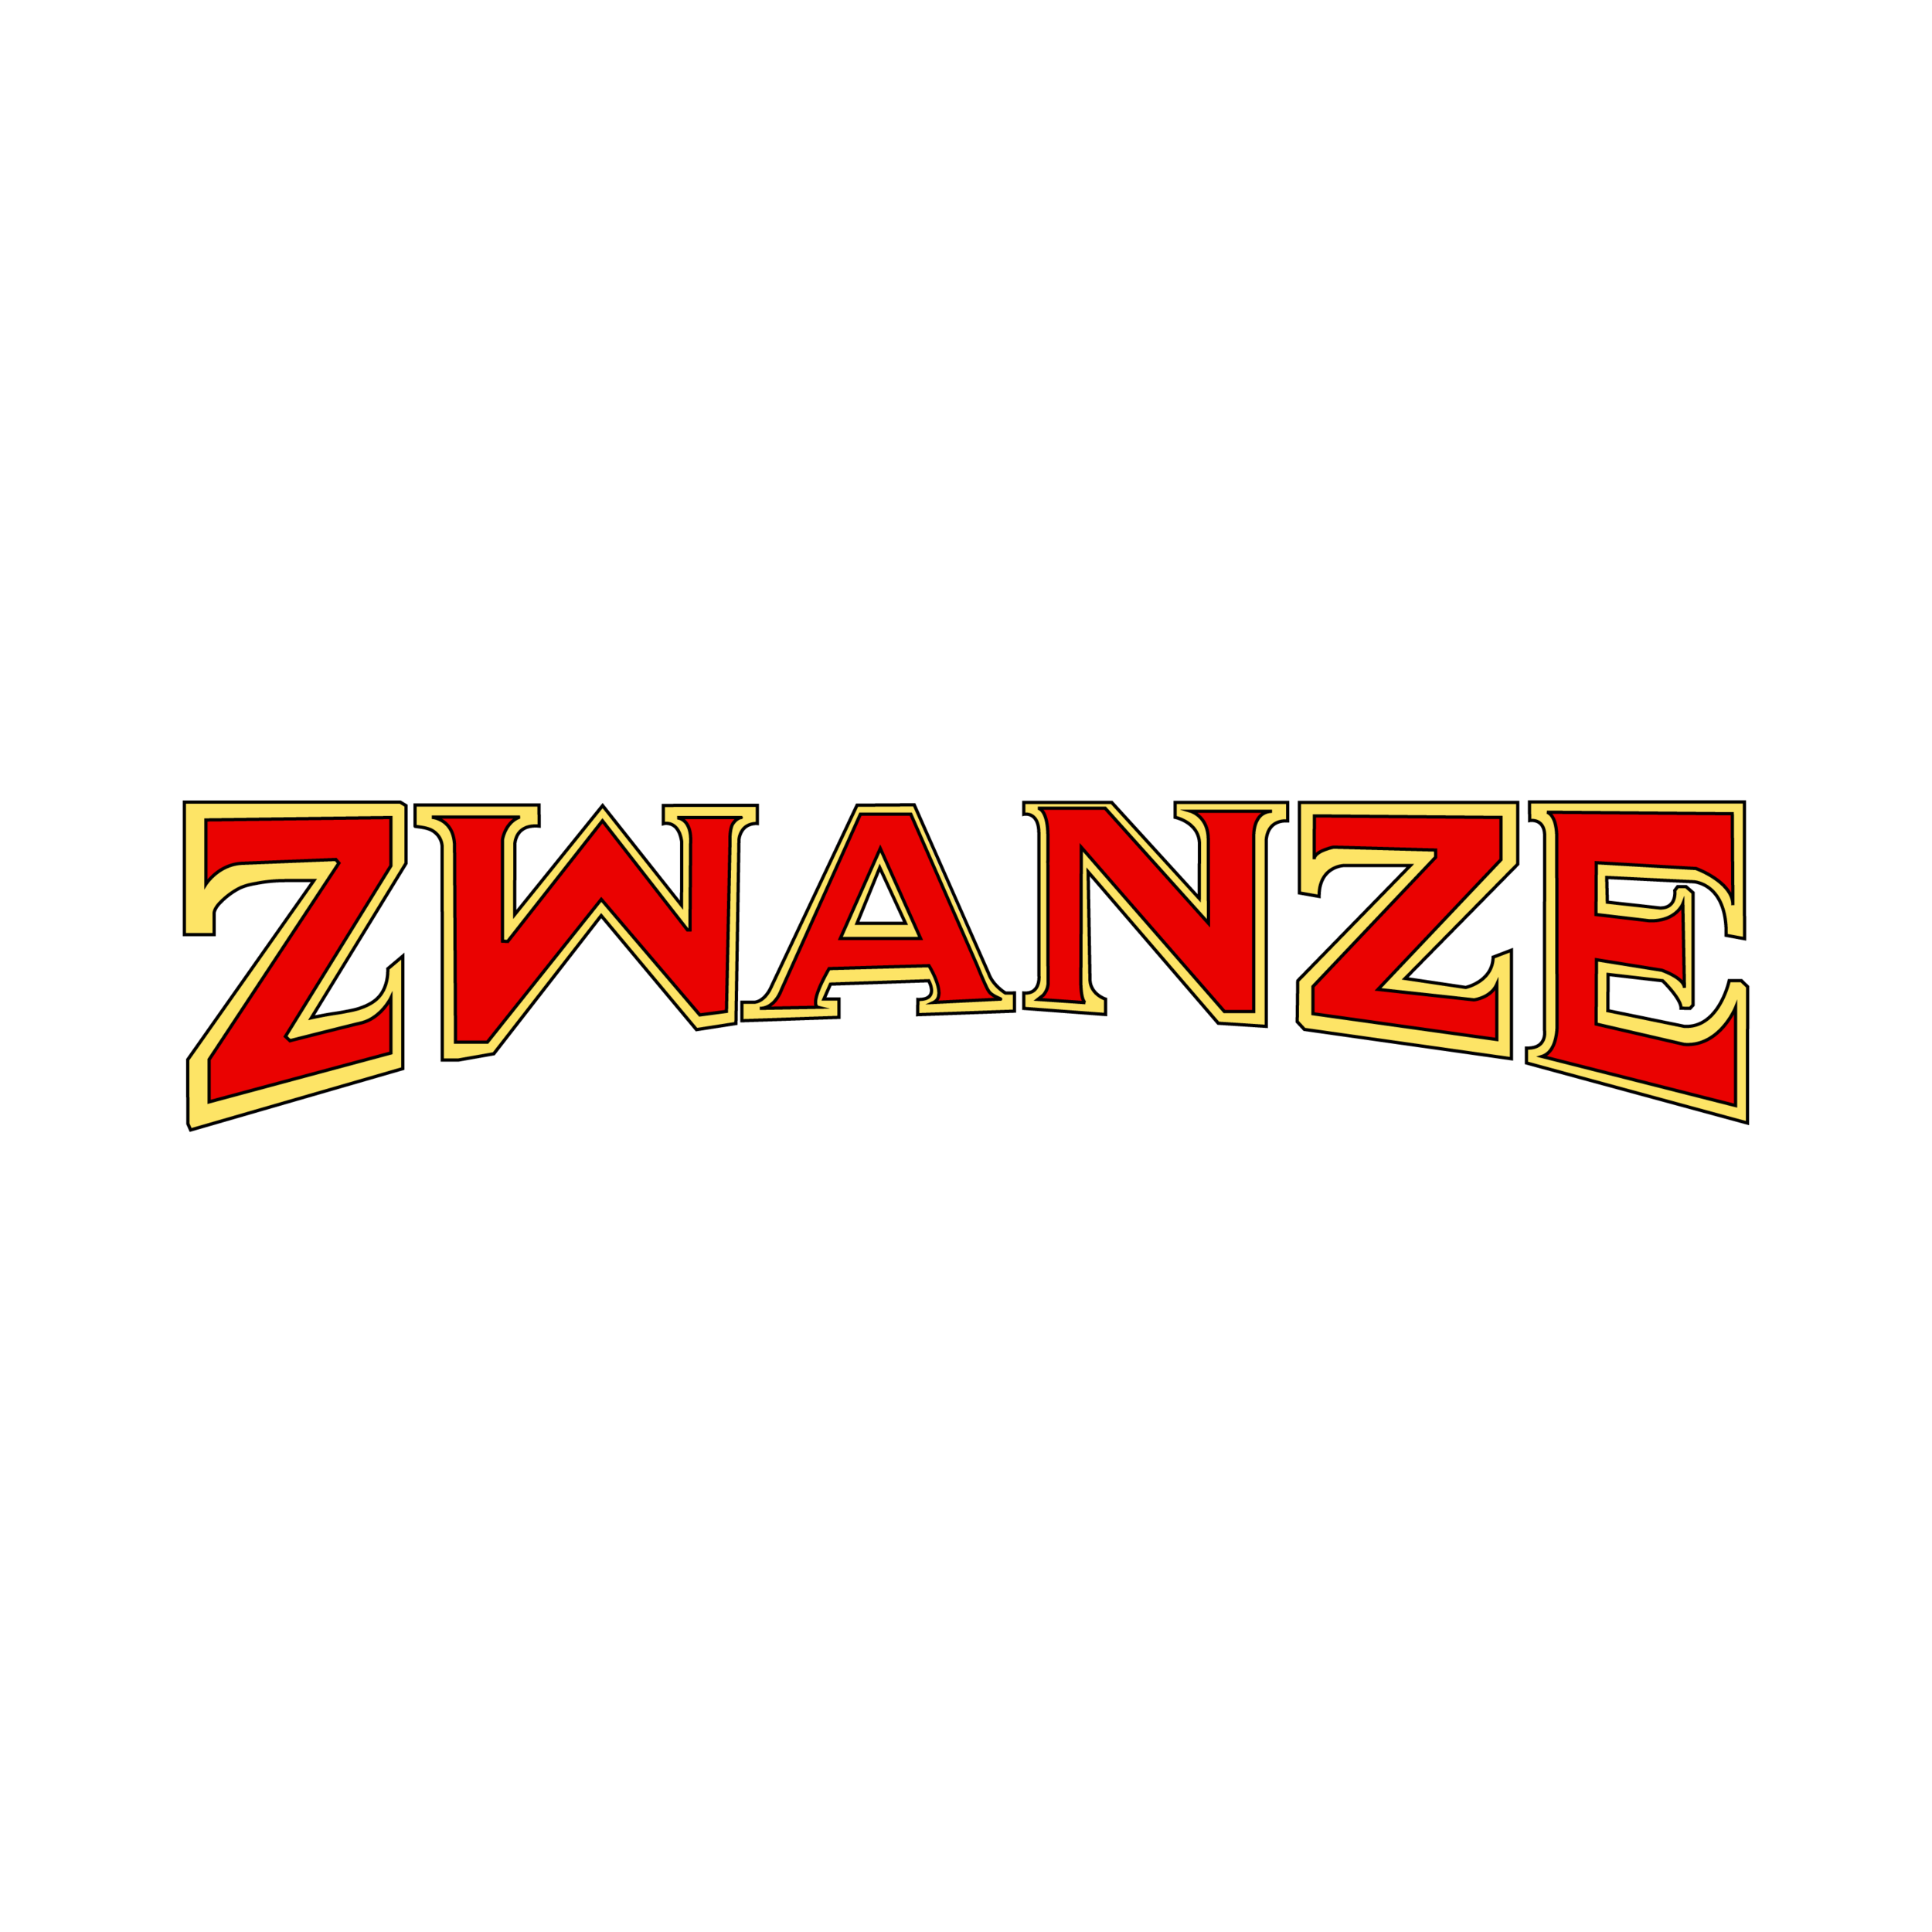 zwanze logo.png